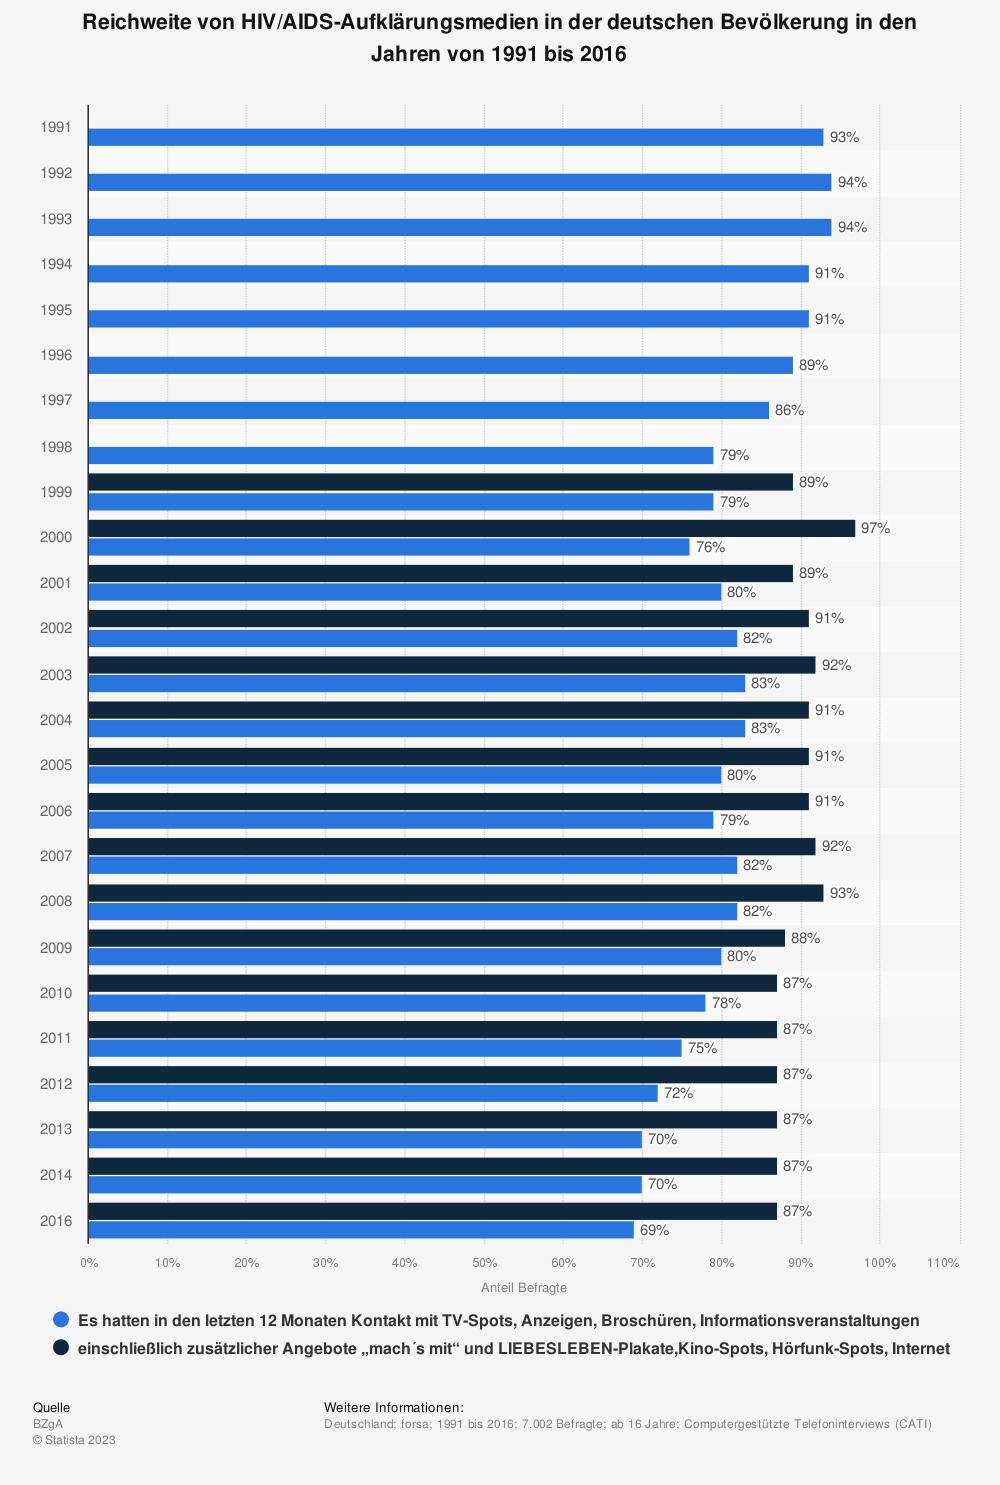 Statistik: Reichweite von HIV/AIDS-Aufklärungsmedien in der deutschen Bevölkerung in den Jahren von 1991 bis 2013 | Statista